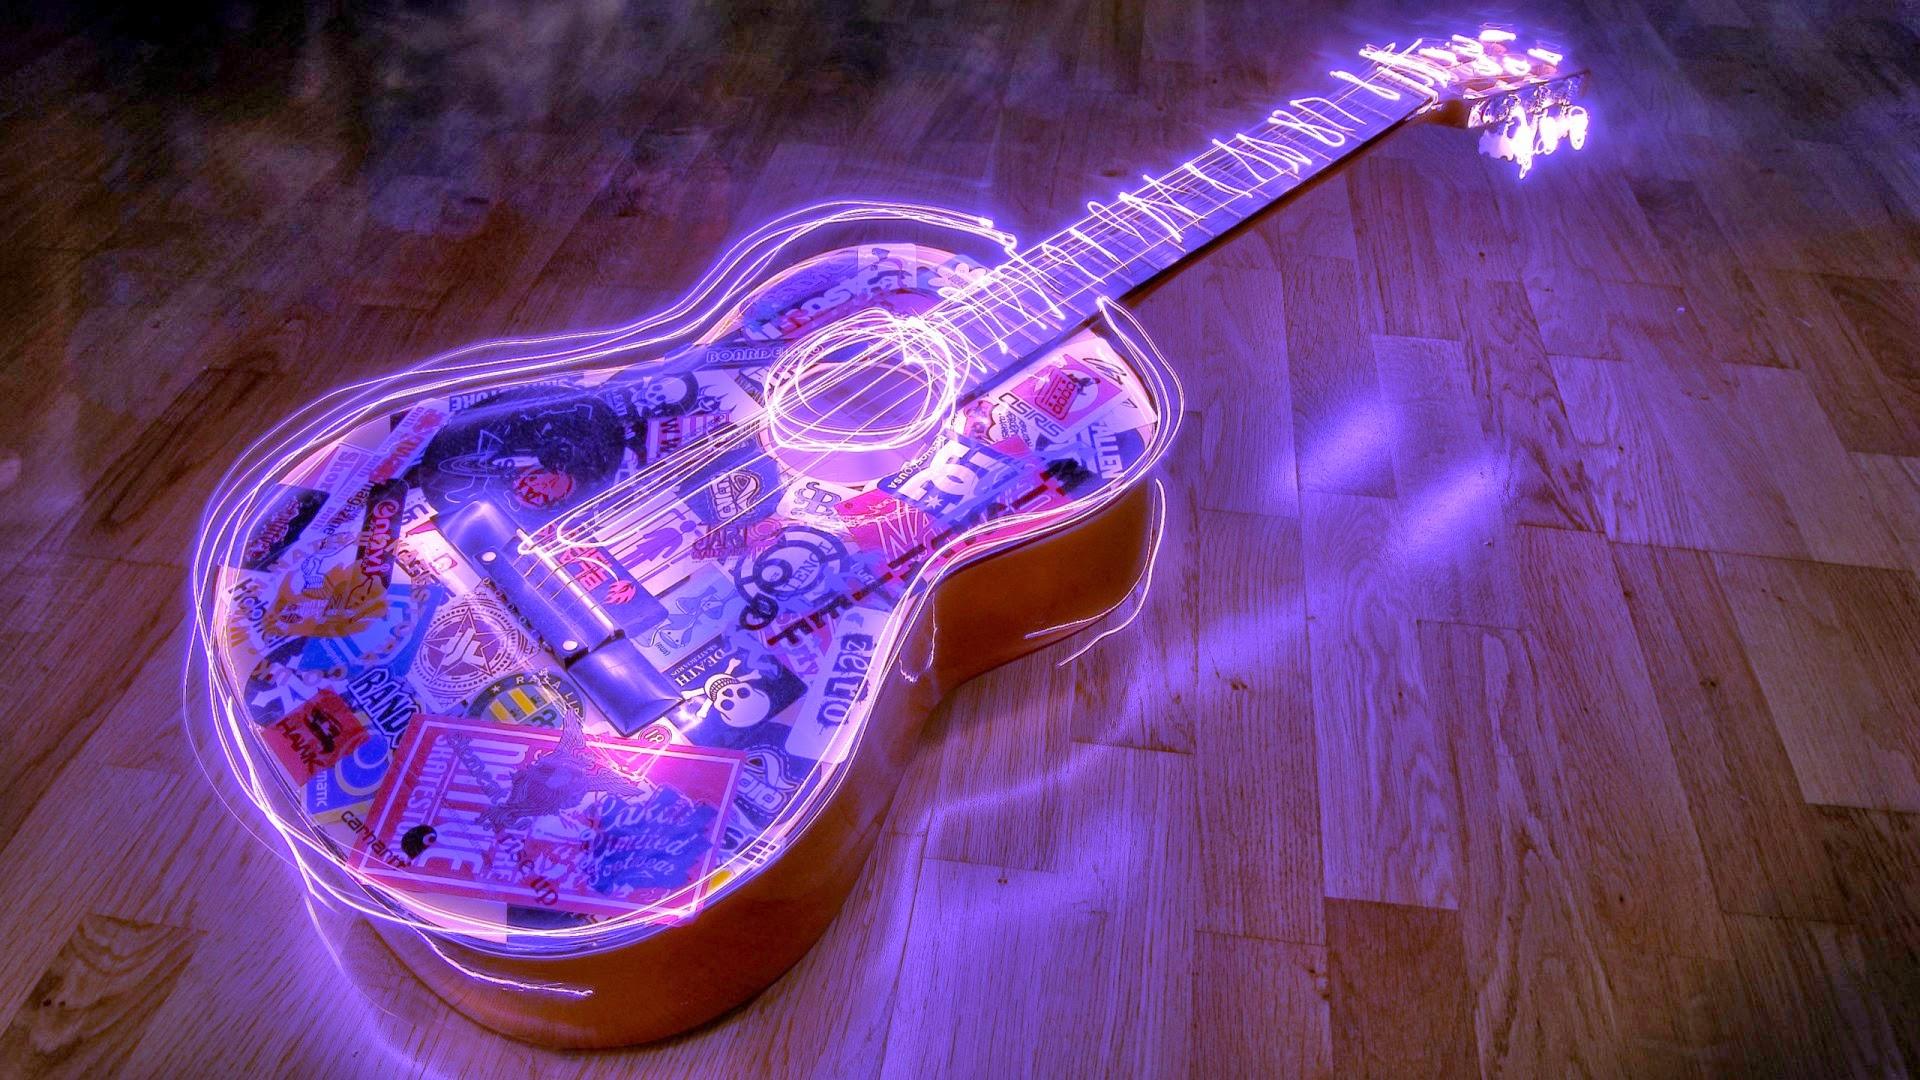 Neon guitar full hd desktop wallpapers 1080p - Cool guitar wallpaper ...